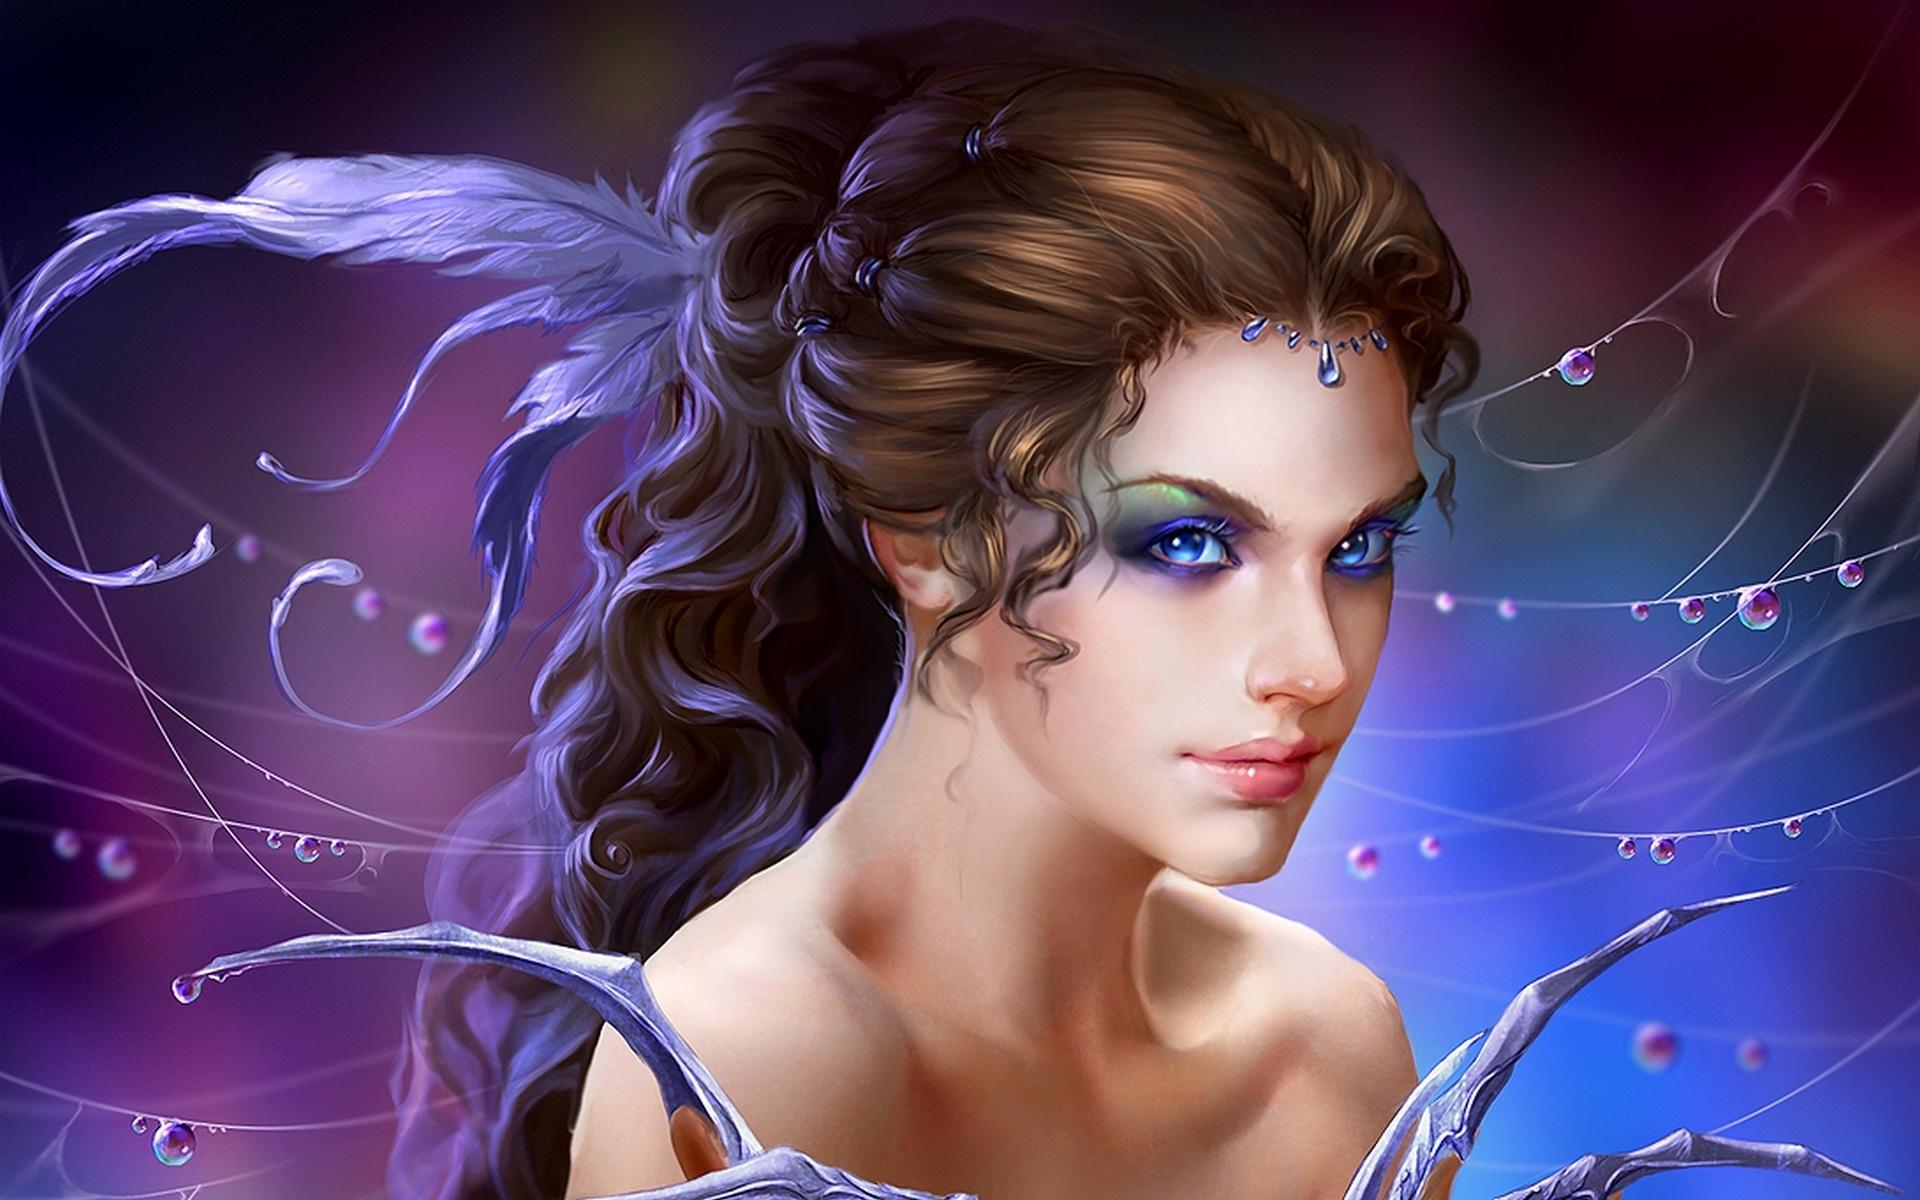 Download Cute Girl Fantasy Wallpaper | Full HD Wallpapers